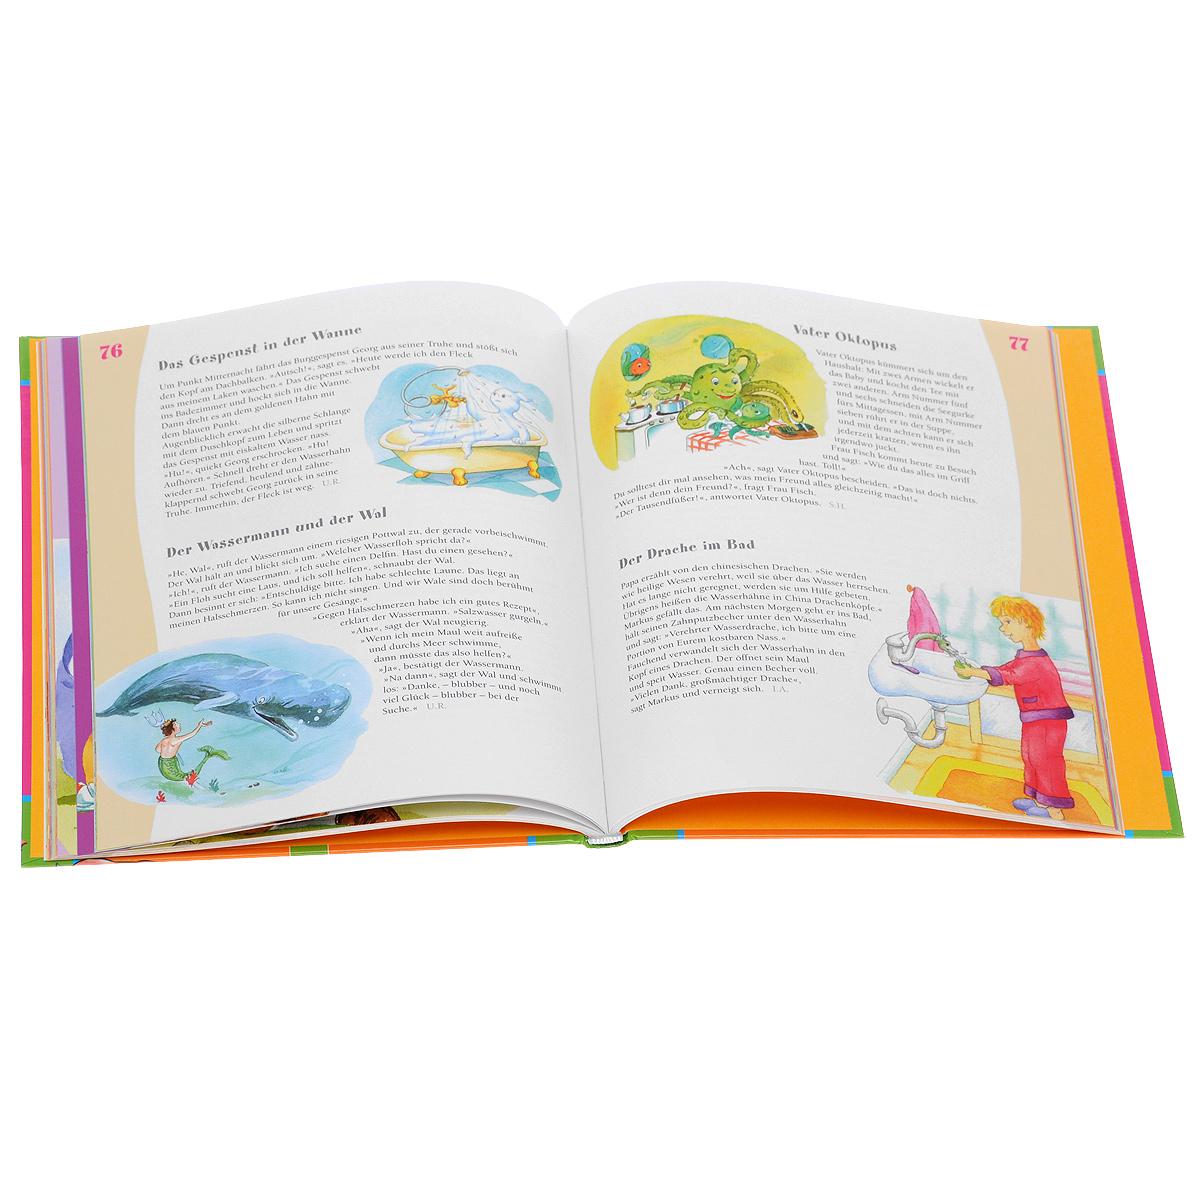 Minuten-Geschichten fur Kinder